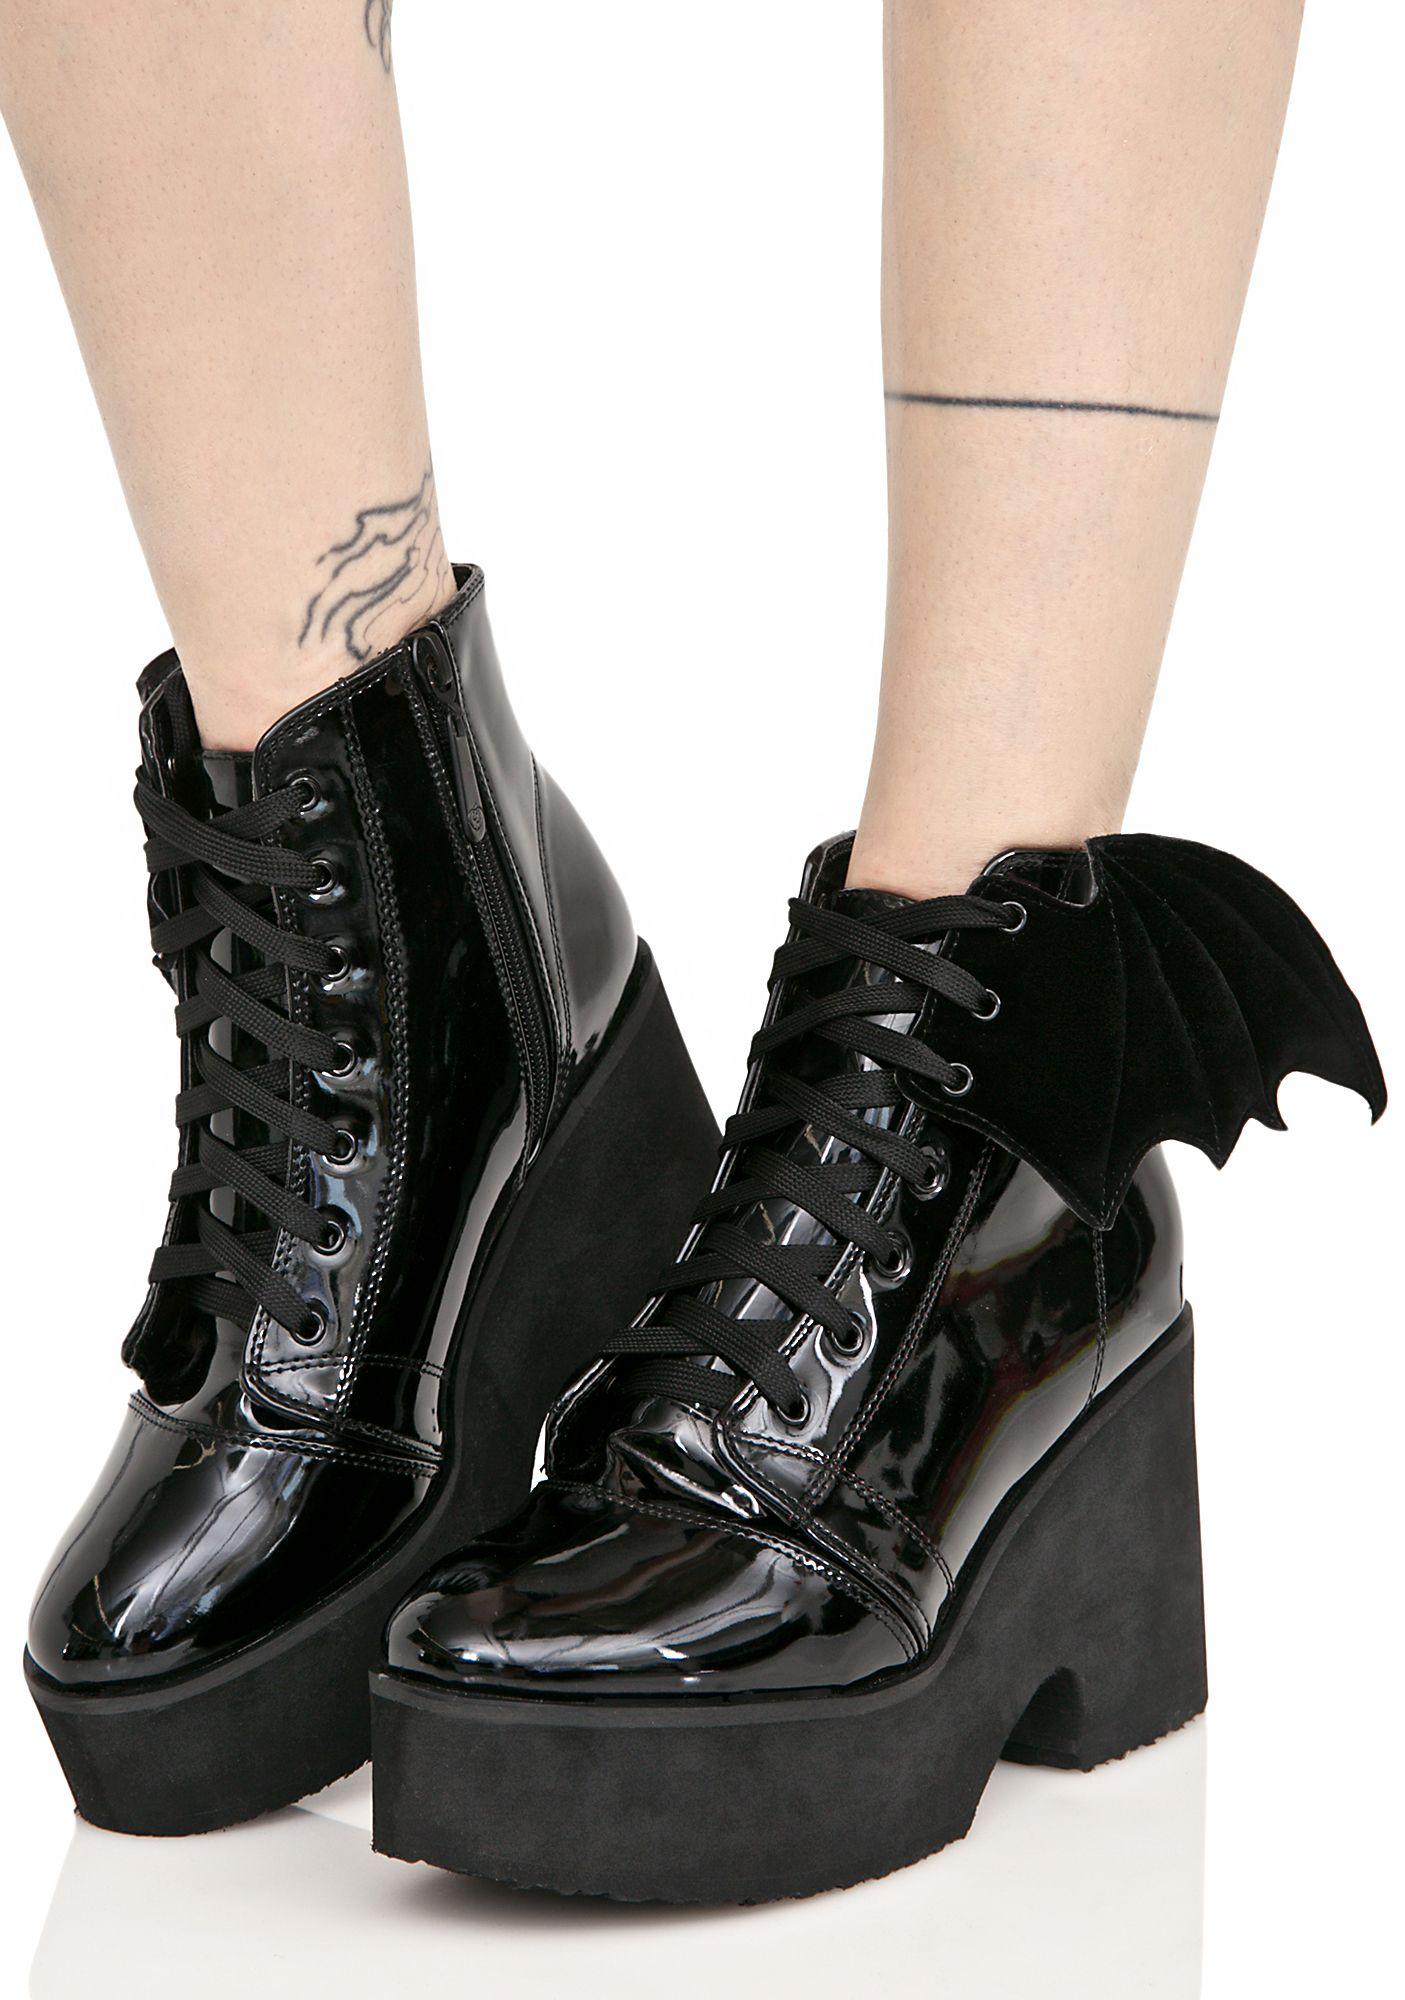 c7b1bb94755 Iron Fist Patent Bat Wing Platform Goth Boots